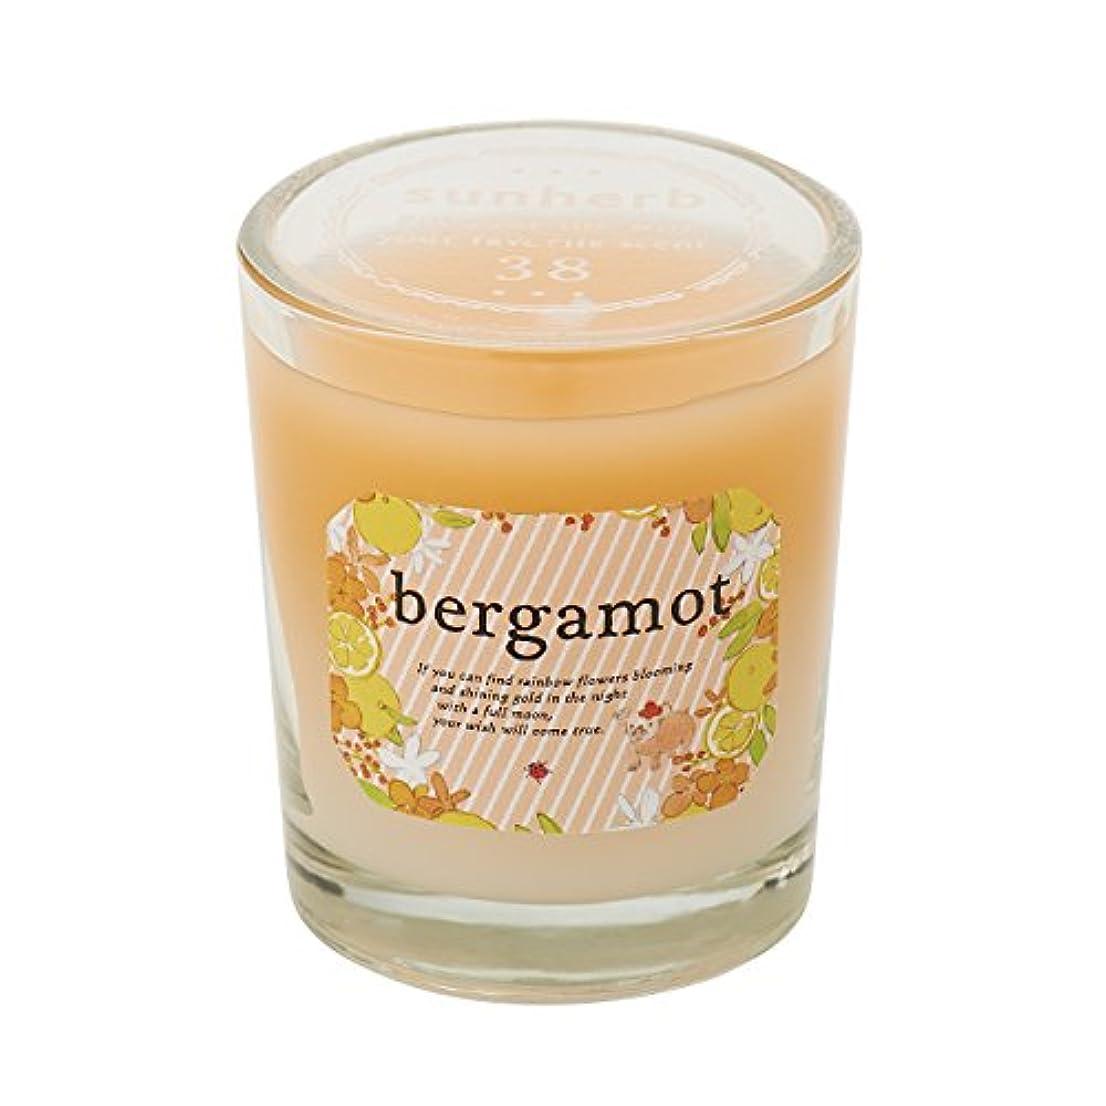 期待するぜいたく厚さサンハーブ グラスキャンドル ベルガモット 35g(グラデーションろうそく 燃焼時間約10時間 懐かしい甘酸っぱい香り)